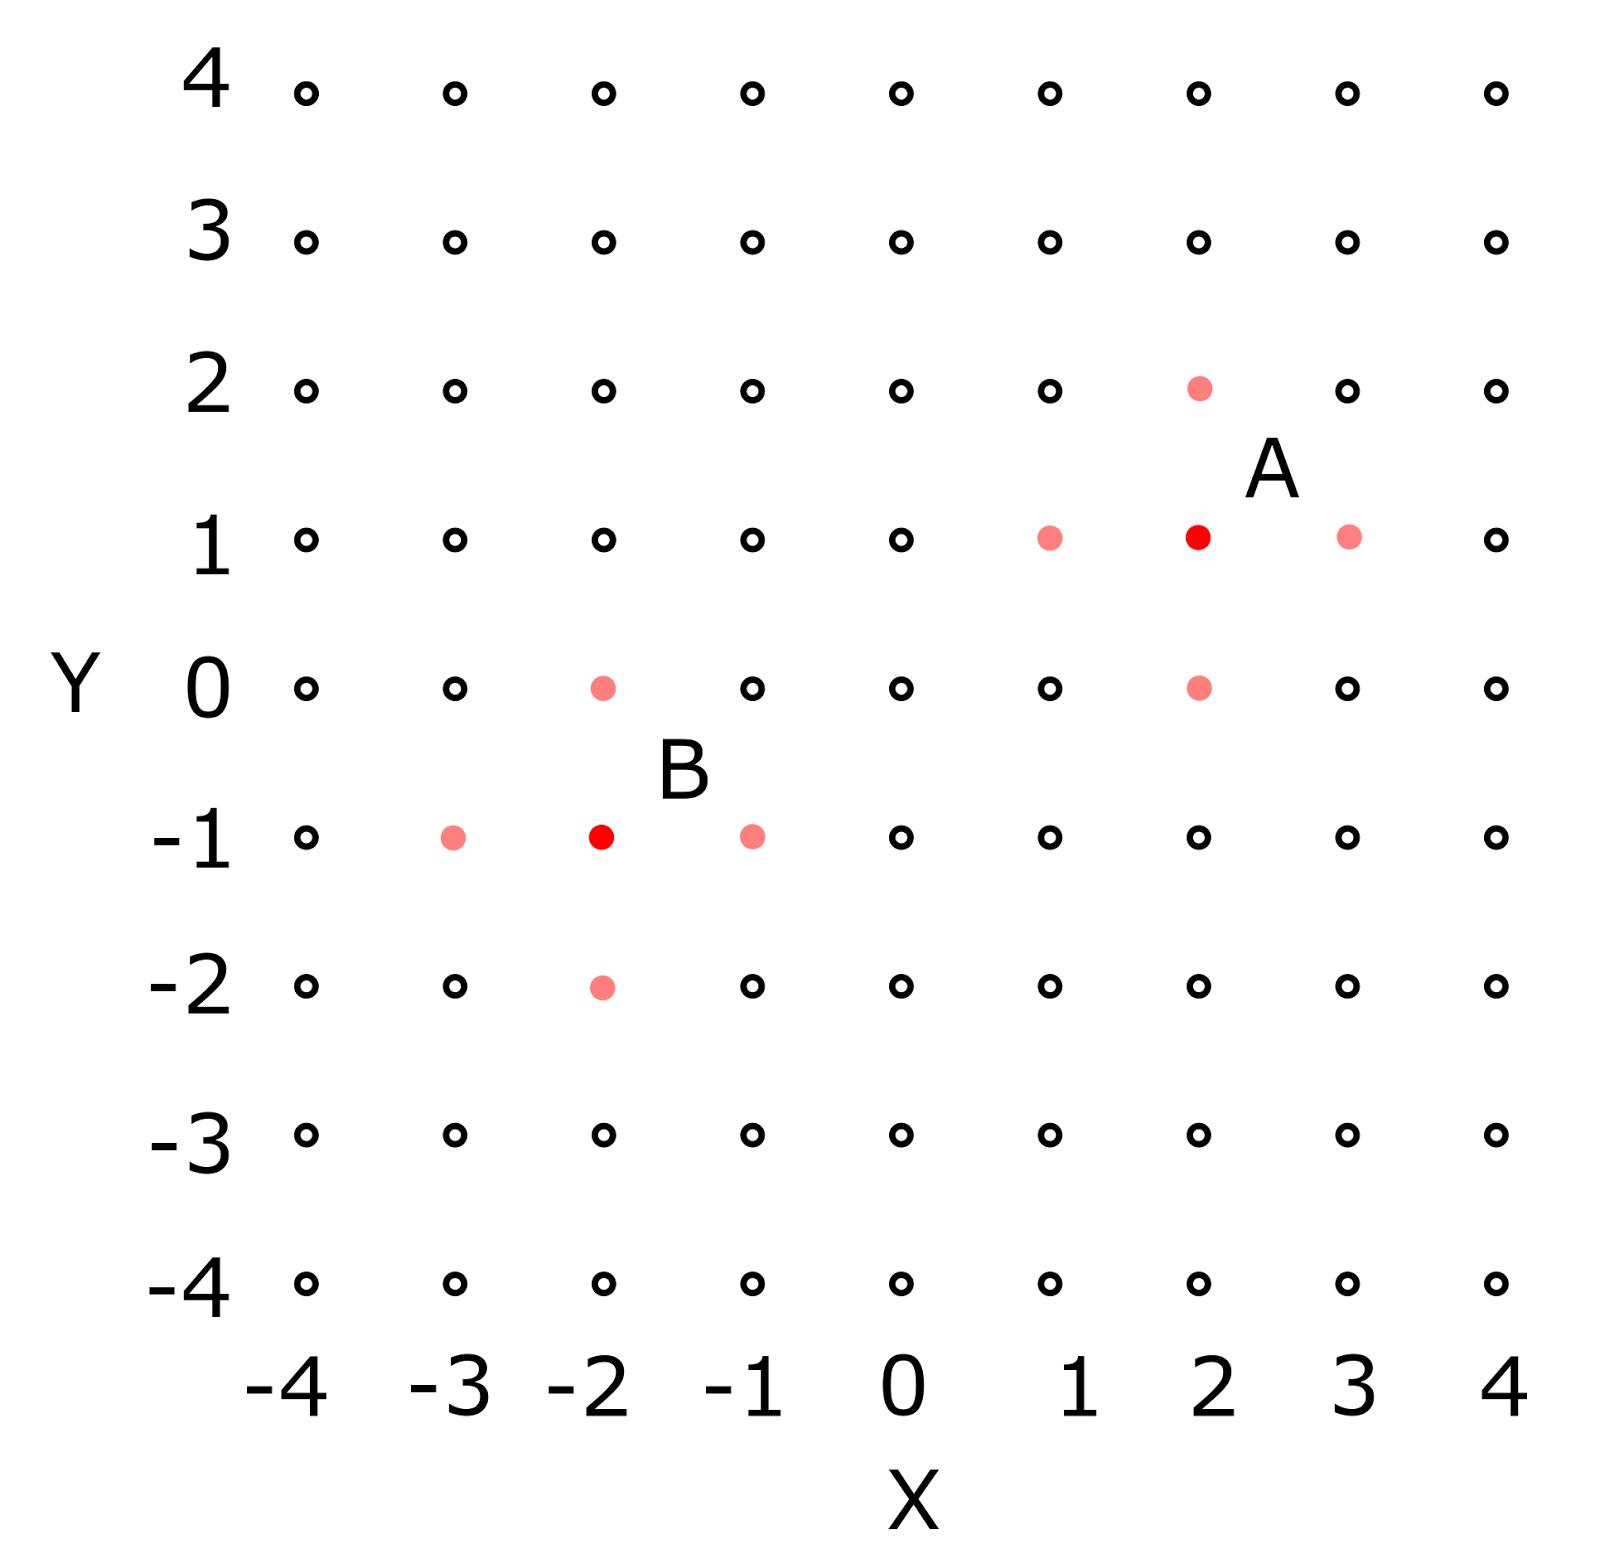 Логика сознания. Часть 7. Самоорганизация пространства контекстов - 18